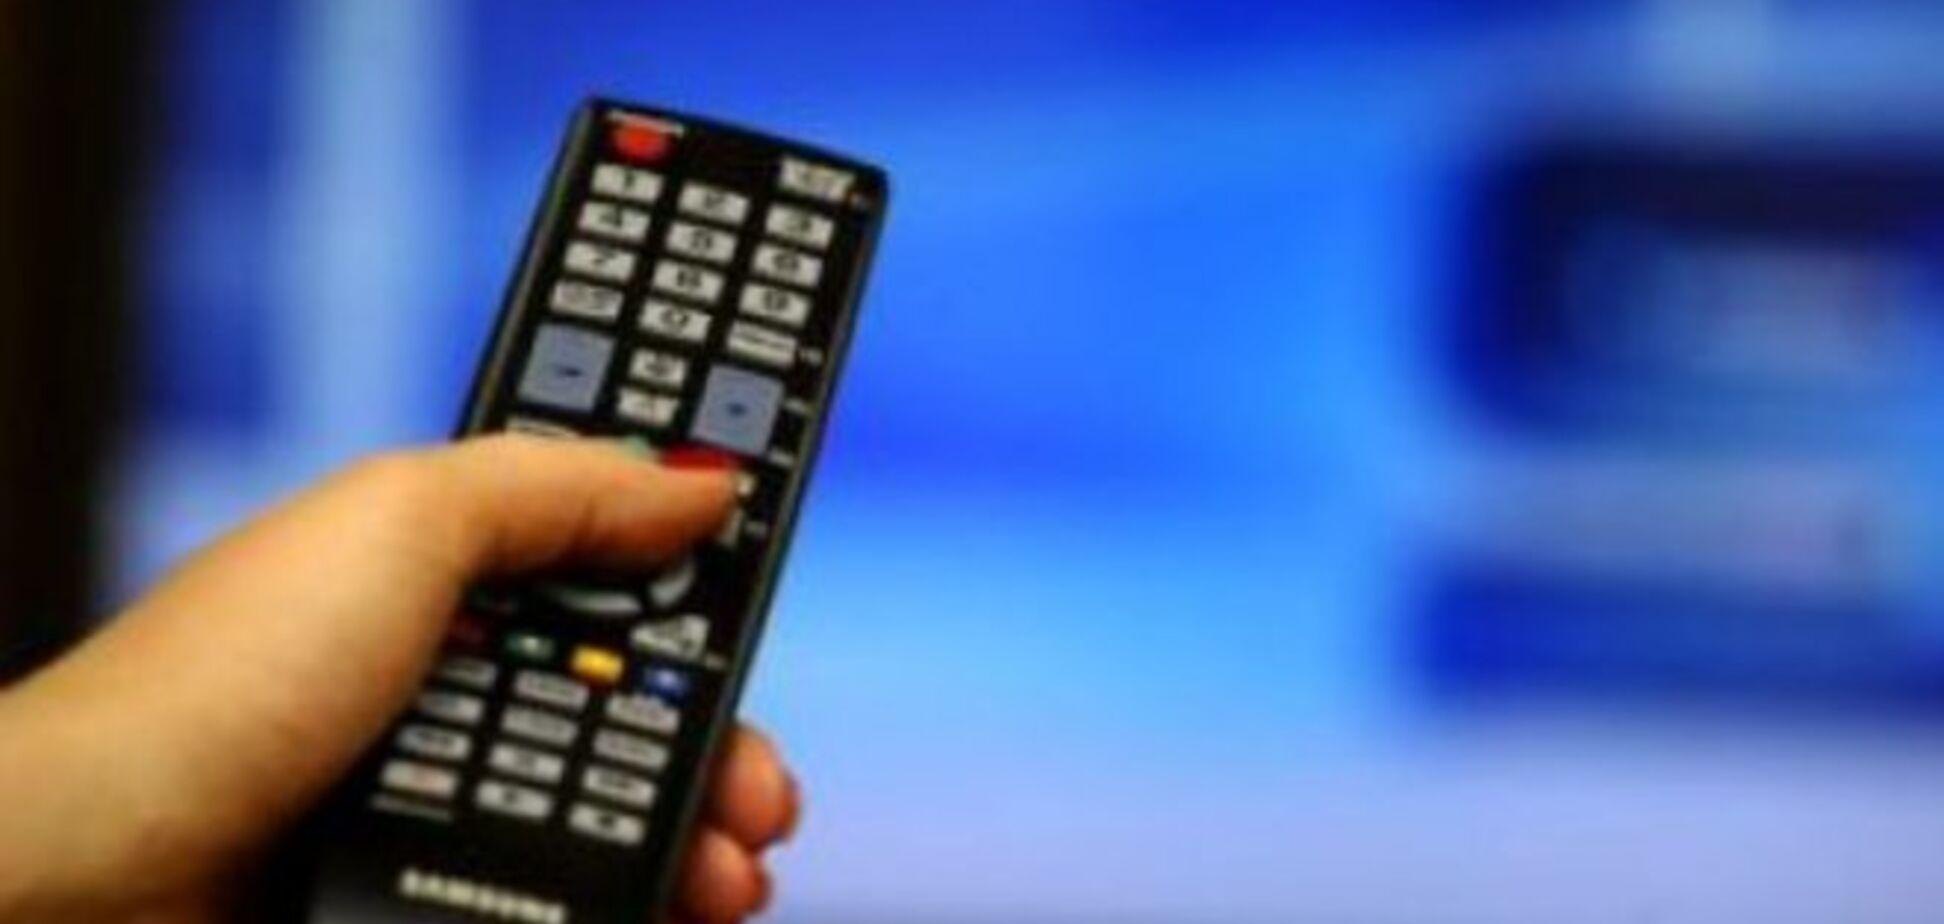 Вещание украинских каналов после попытки диверсии возобновлено – СНБО